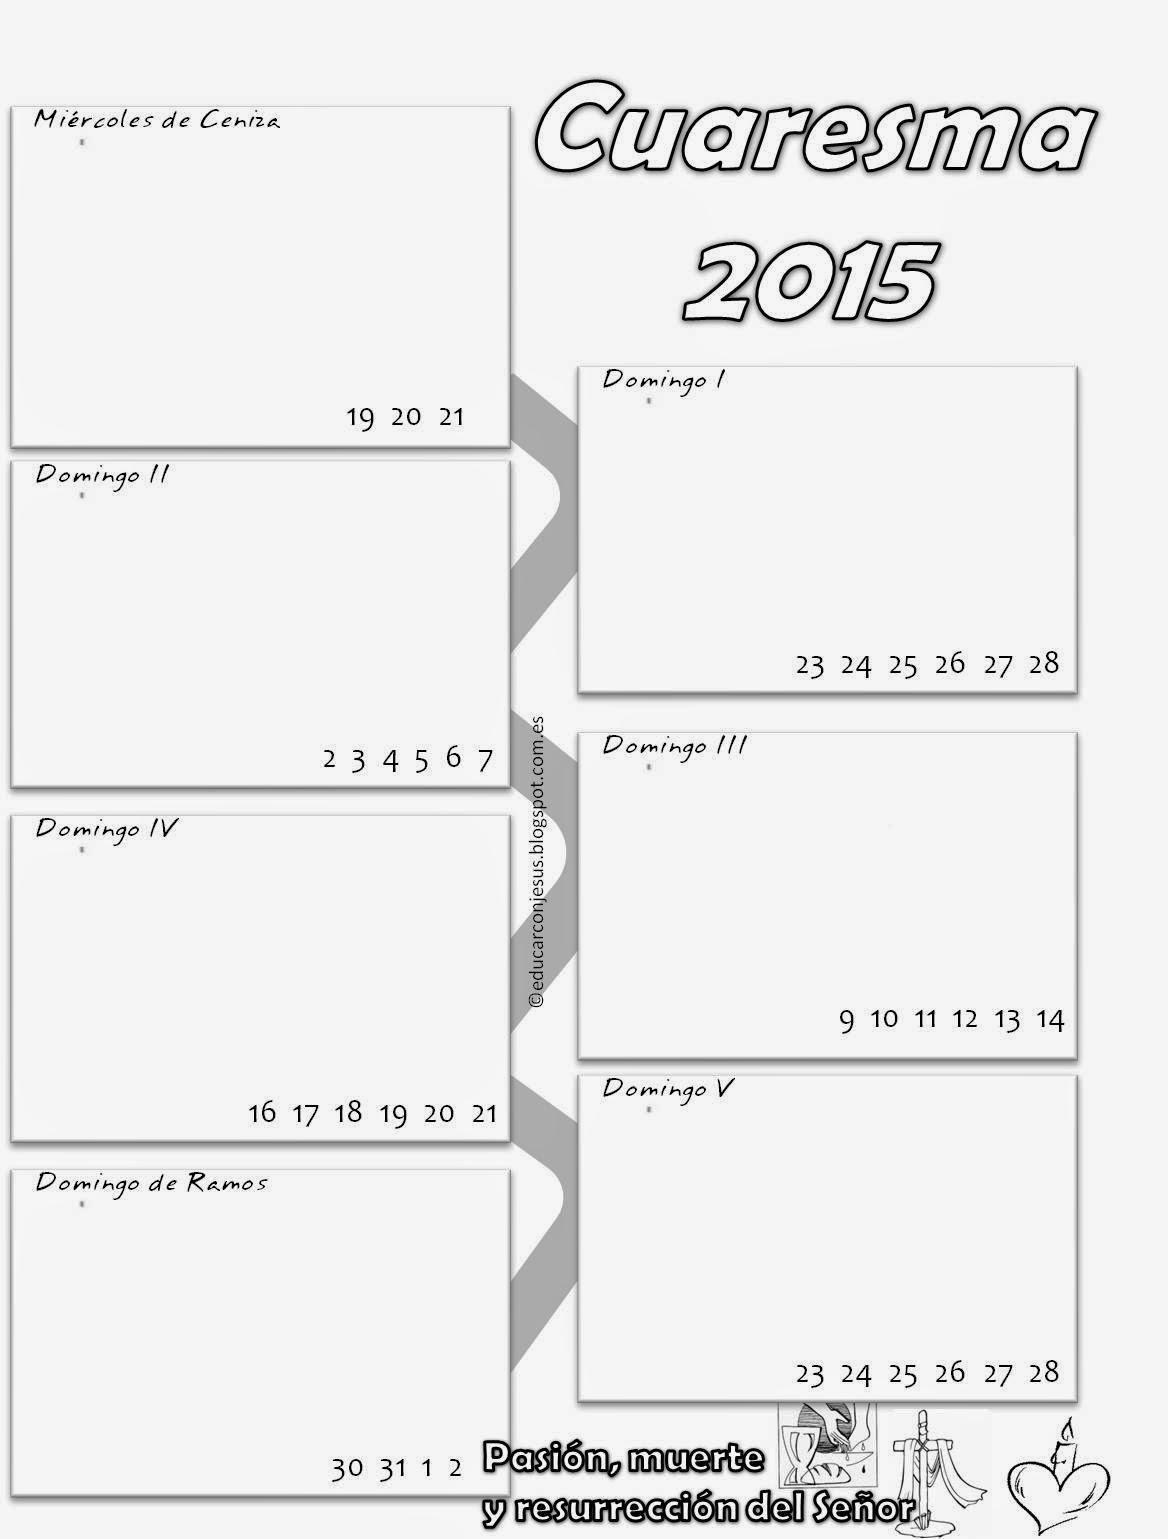 Educar con Jesús: Calendarios de Cuaresma - ciclo B - 2015